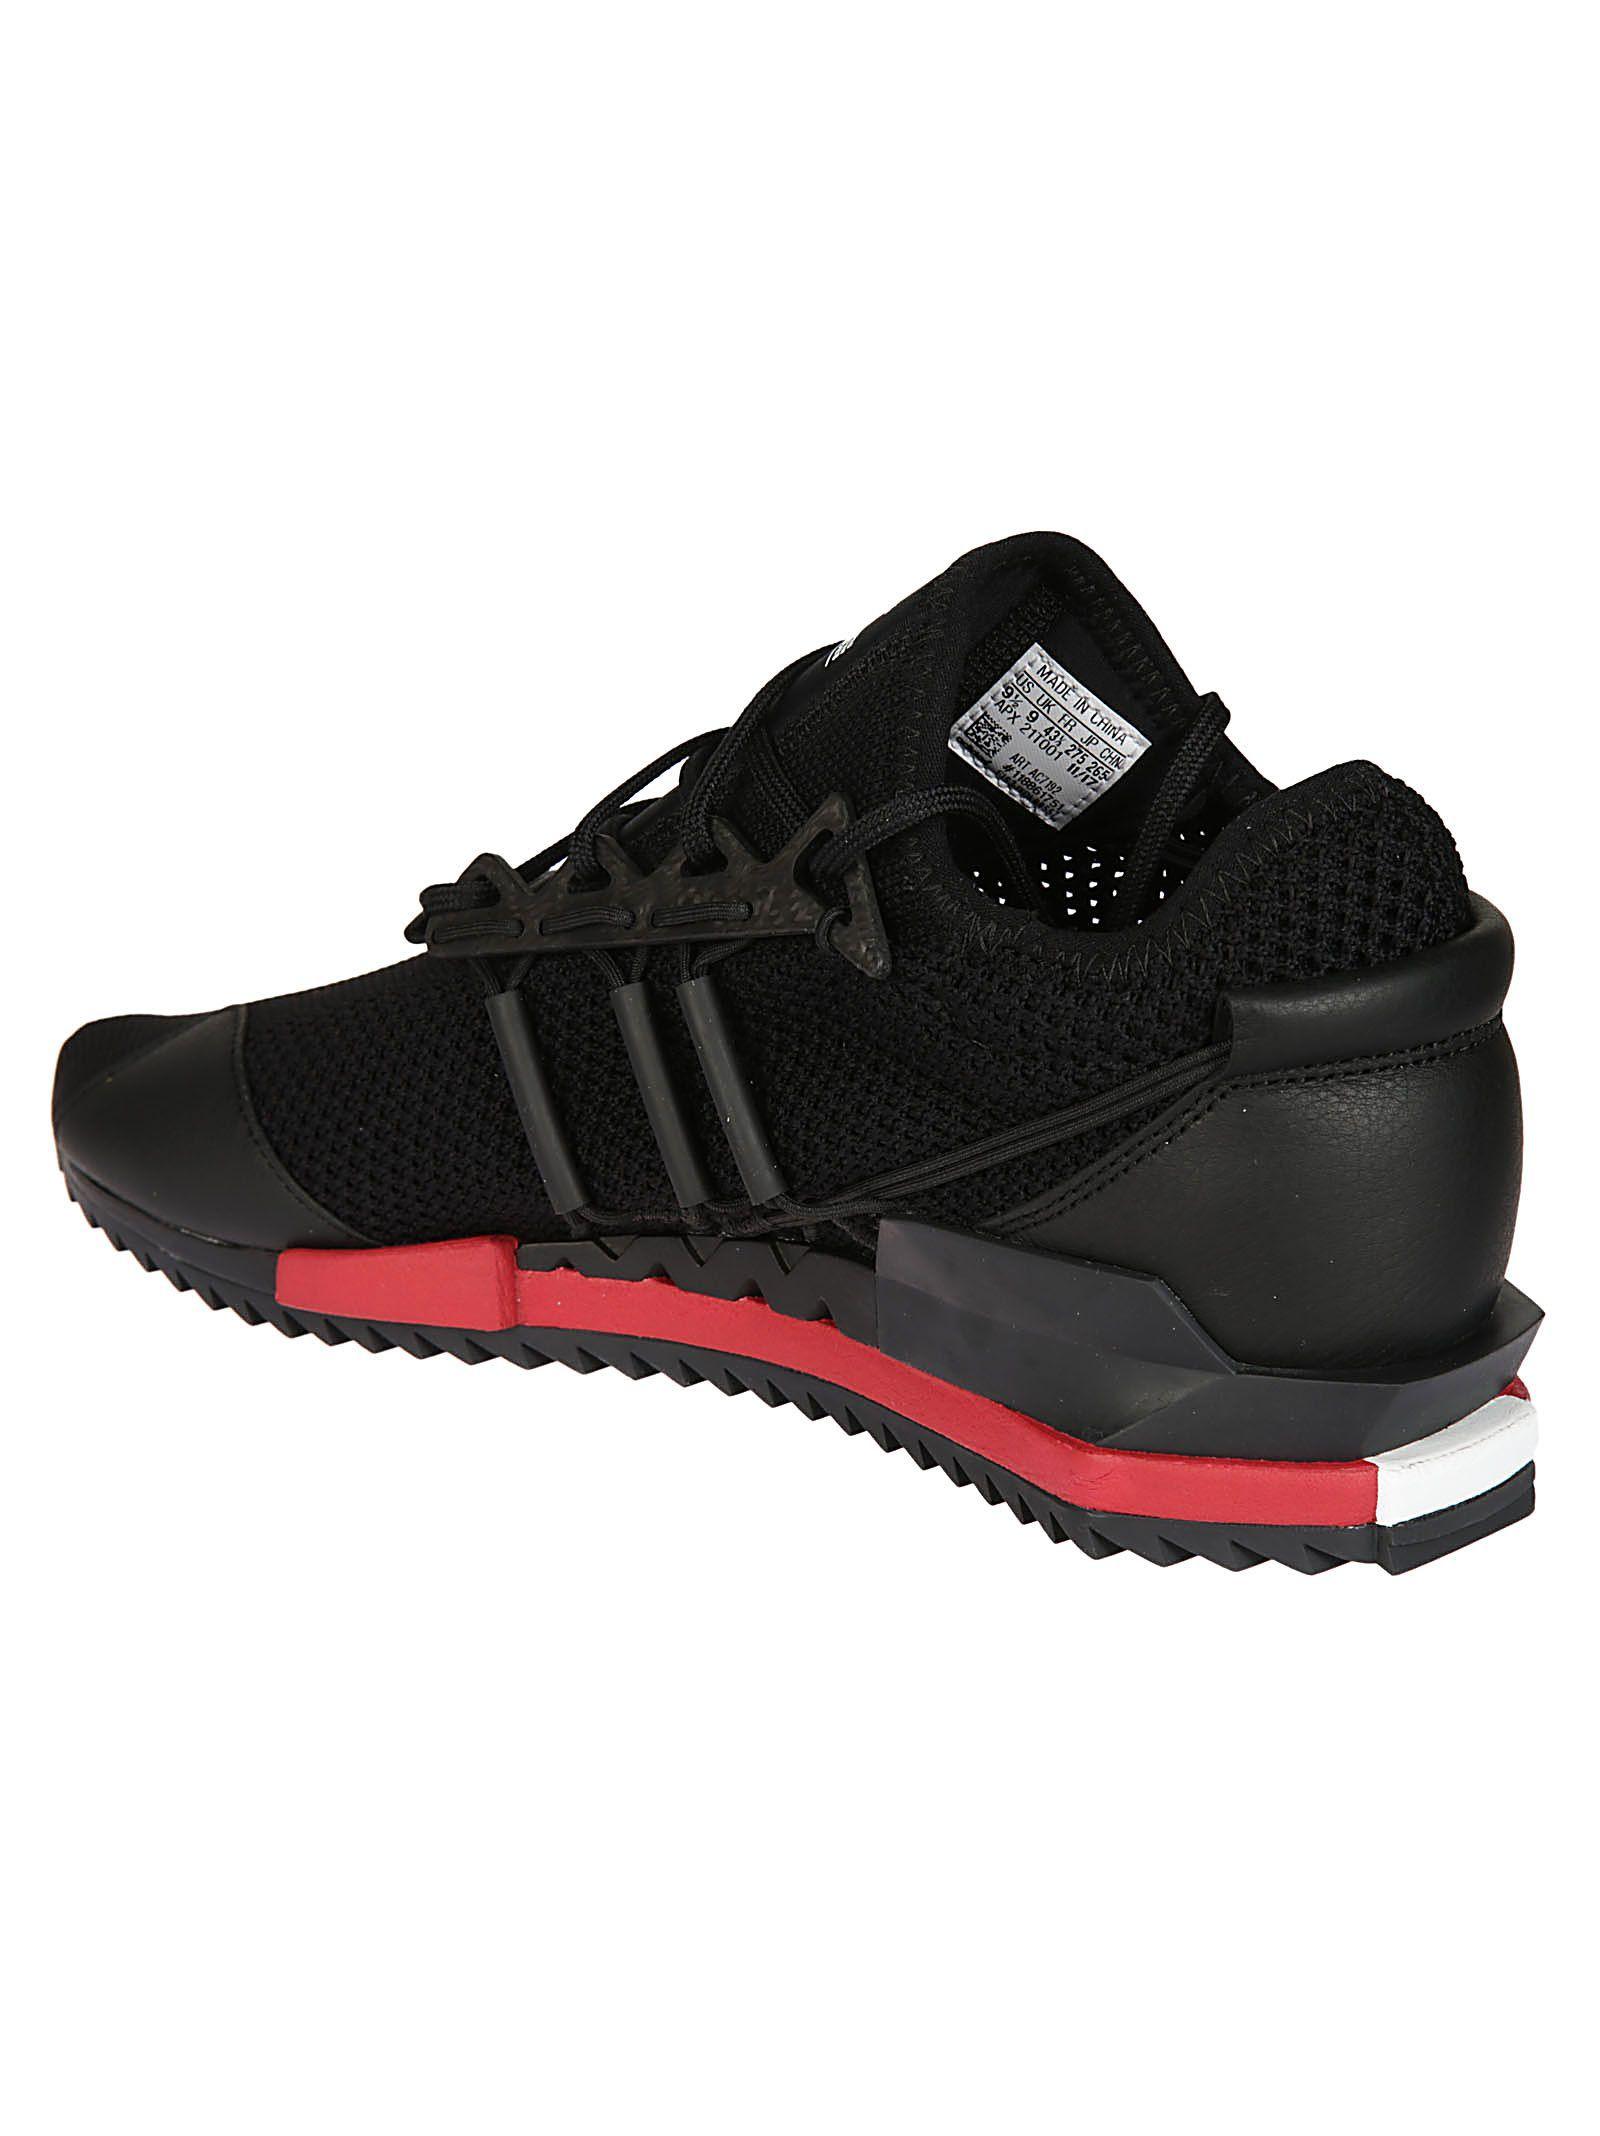 121abed8b Adidas - Y-3 Harigane Sneakers - black